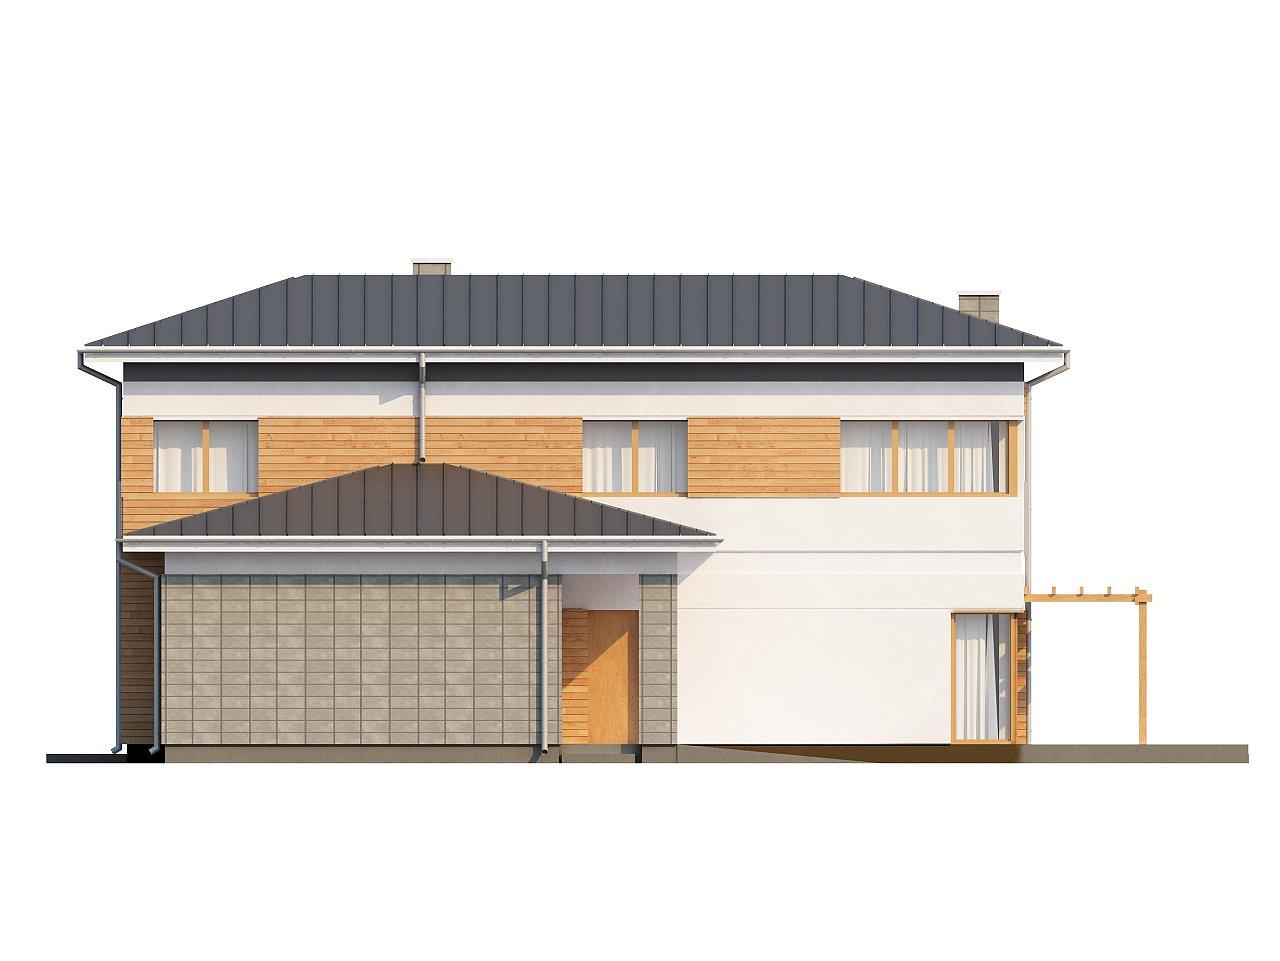 Проект удобного двухэтажного дома в стиле модерн с боковым гаражом. - фото 4